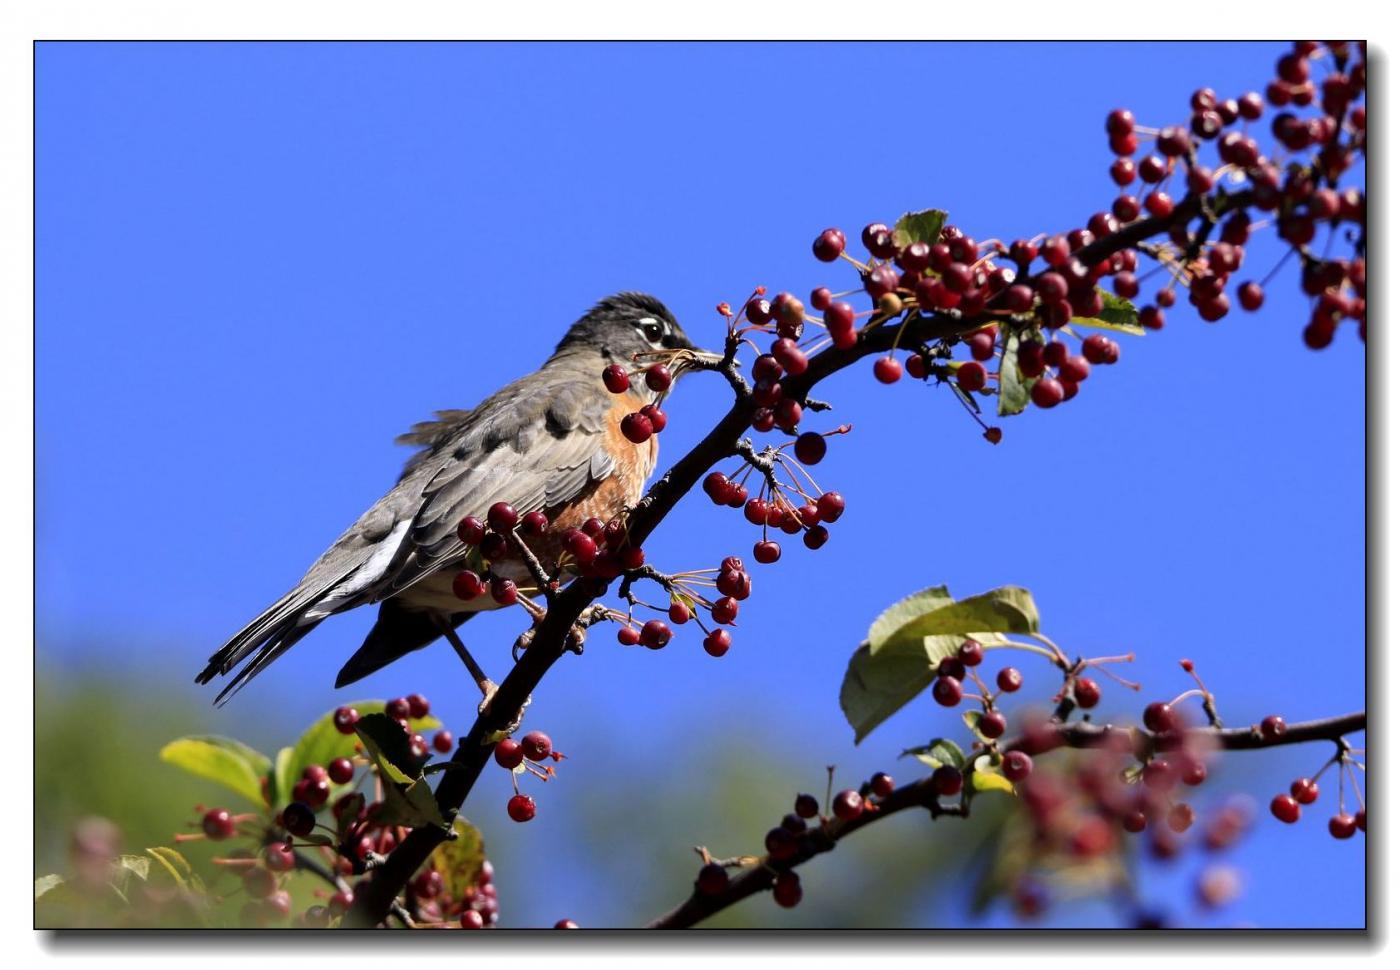 果熟鸟来图-知更鸟_图1-4